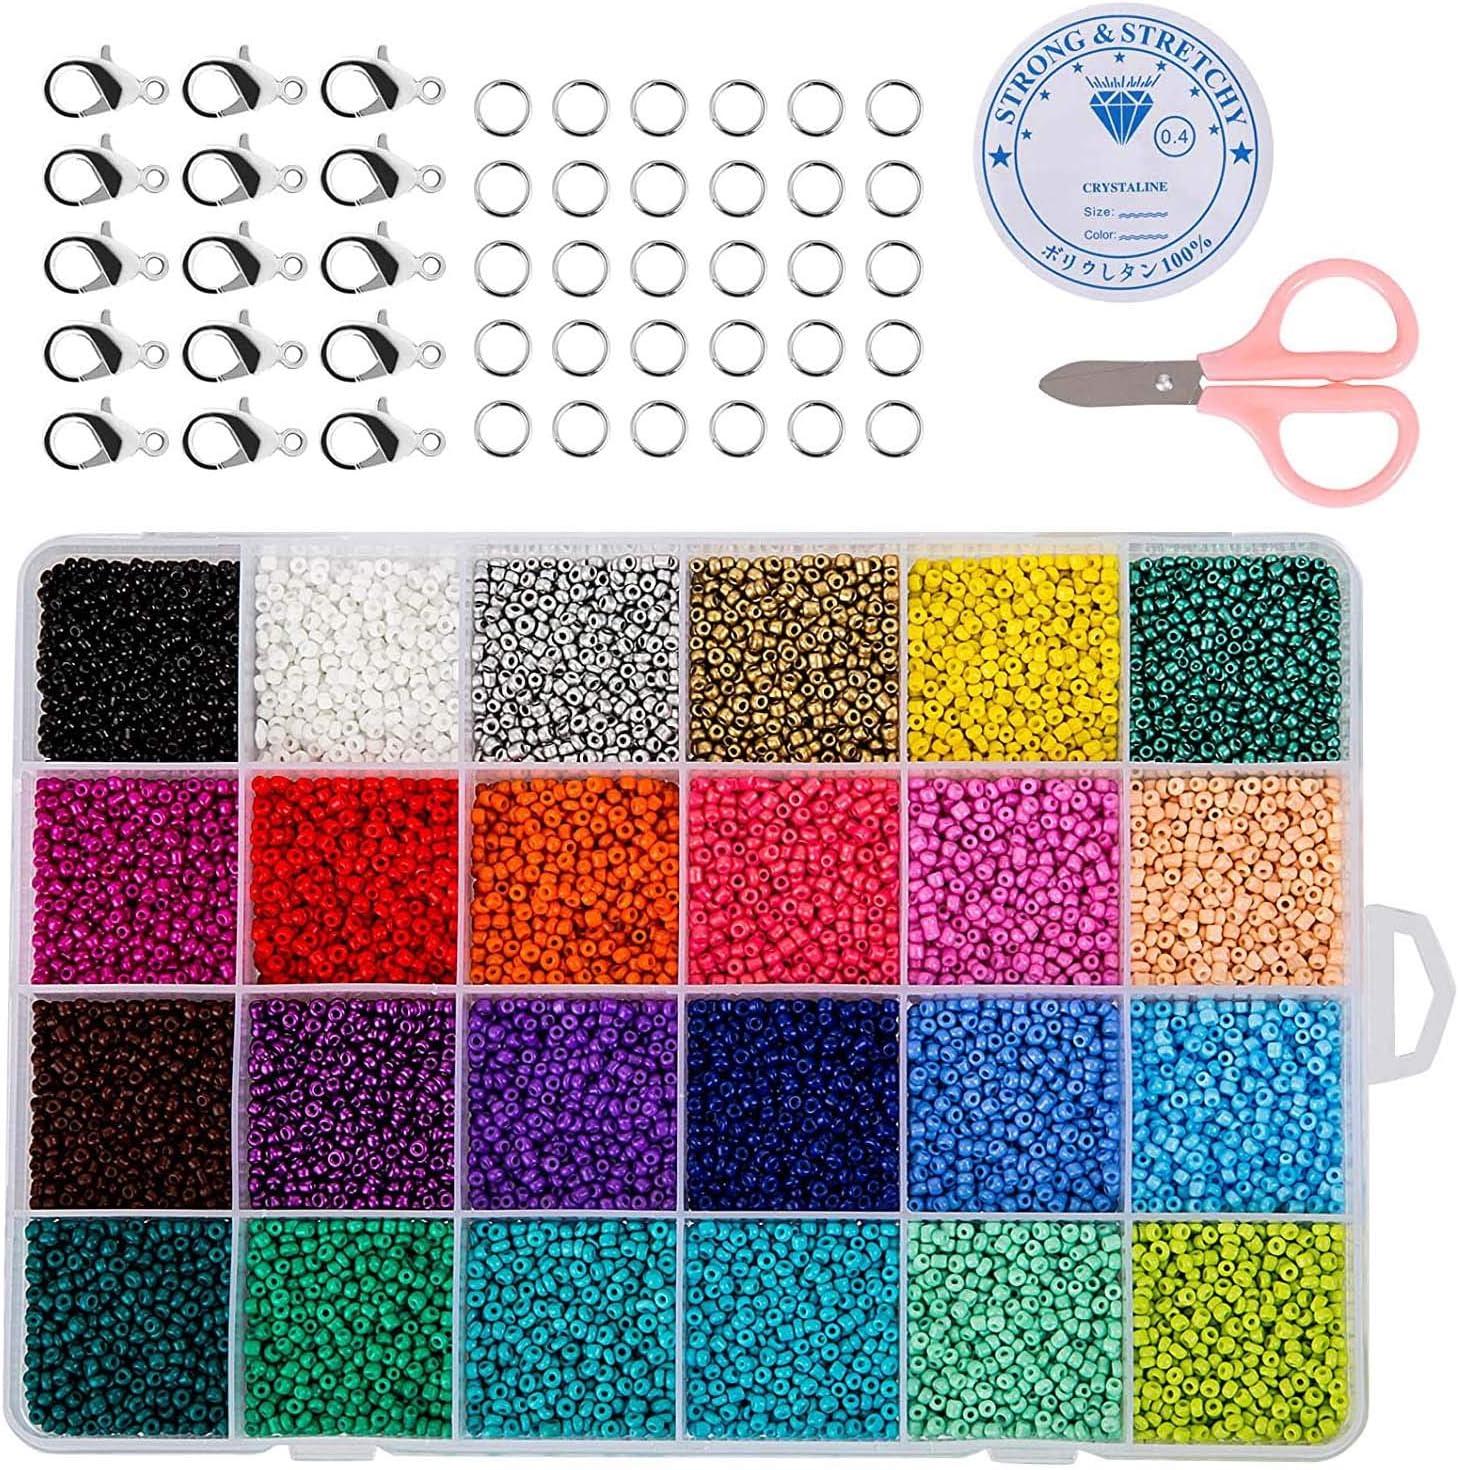 ZWOOS 24000 Piezas Cuentas de Colores 2mm ,Cuentas de Colores para Collares con caja, Mini Cuentas y Abalorios Cristal para DIY Pulseras Collares Bisutería (24 Colores)